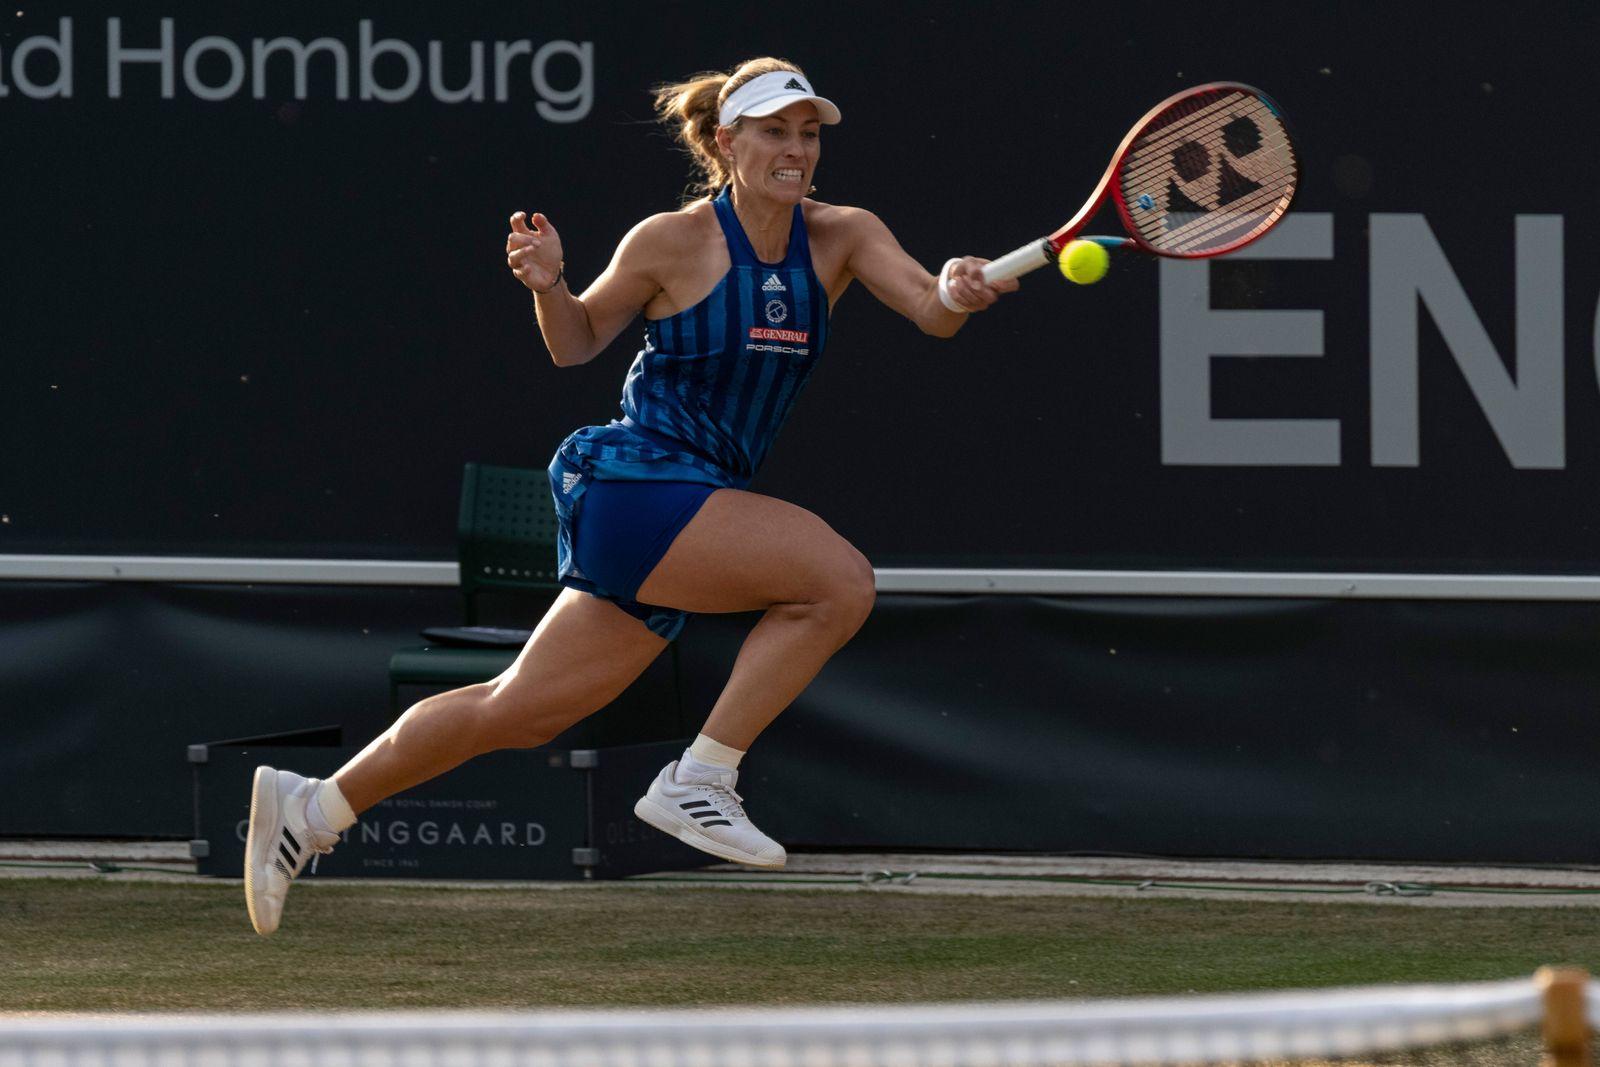 Tennis In Bad Homburg Angelique Kerber Gewinnt Ersten Titel Seit Wimbledon 2018 Der Spiegel